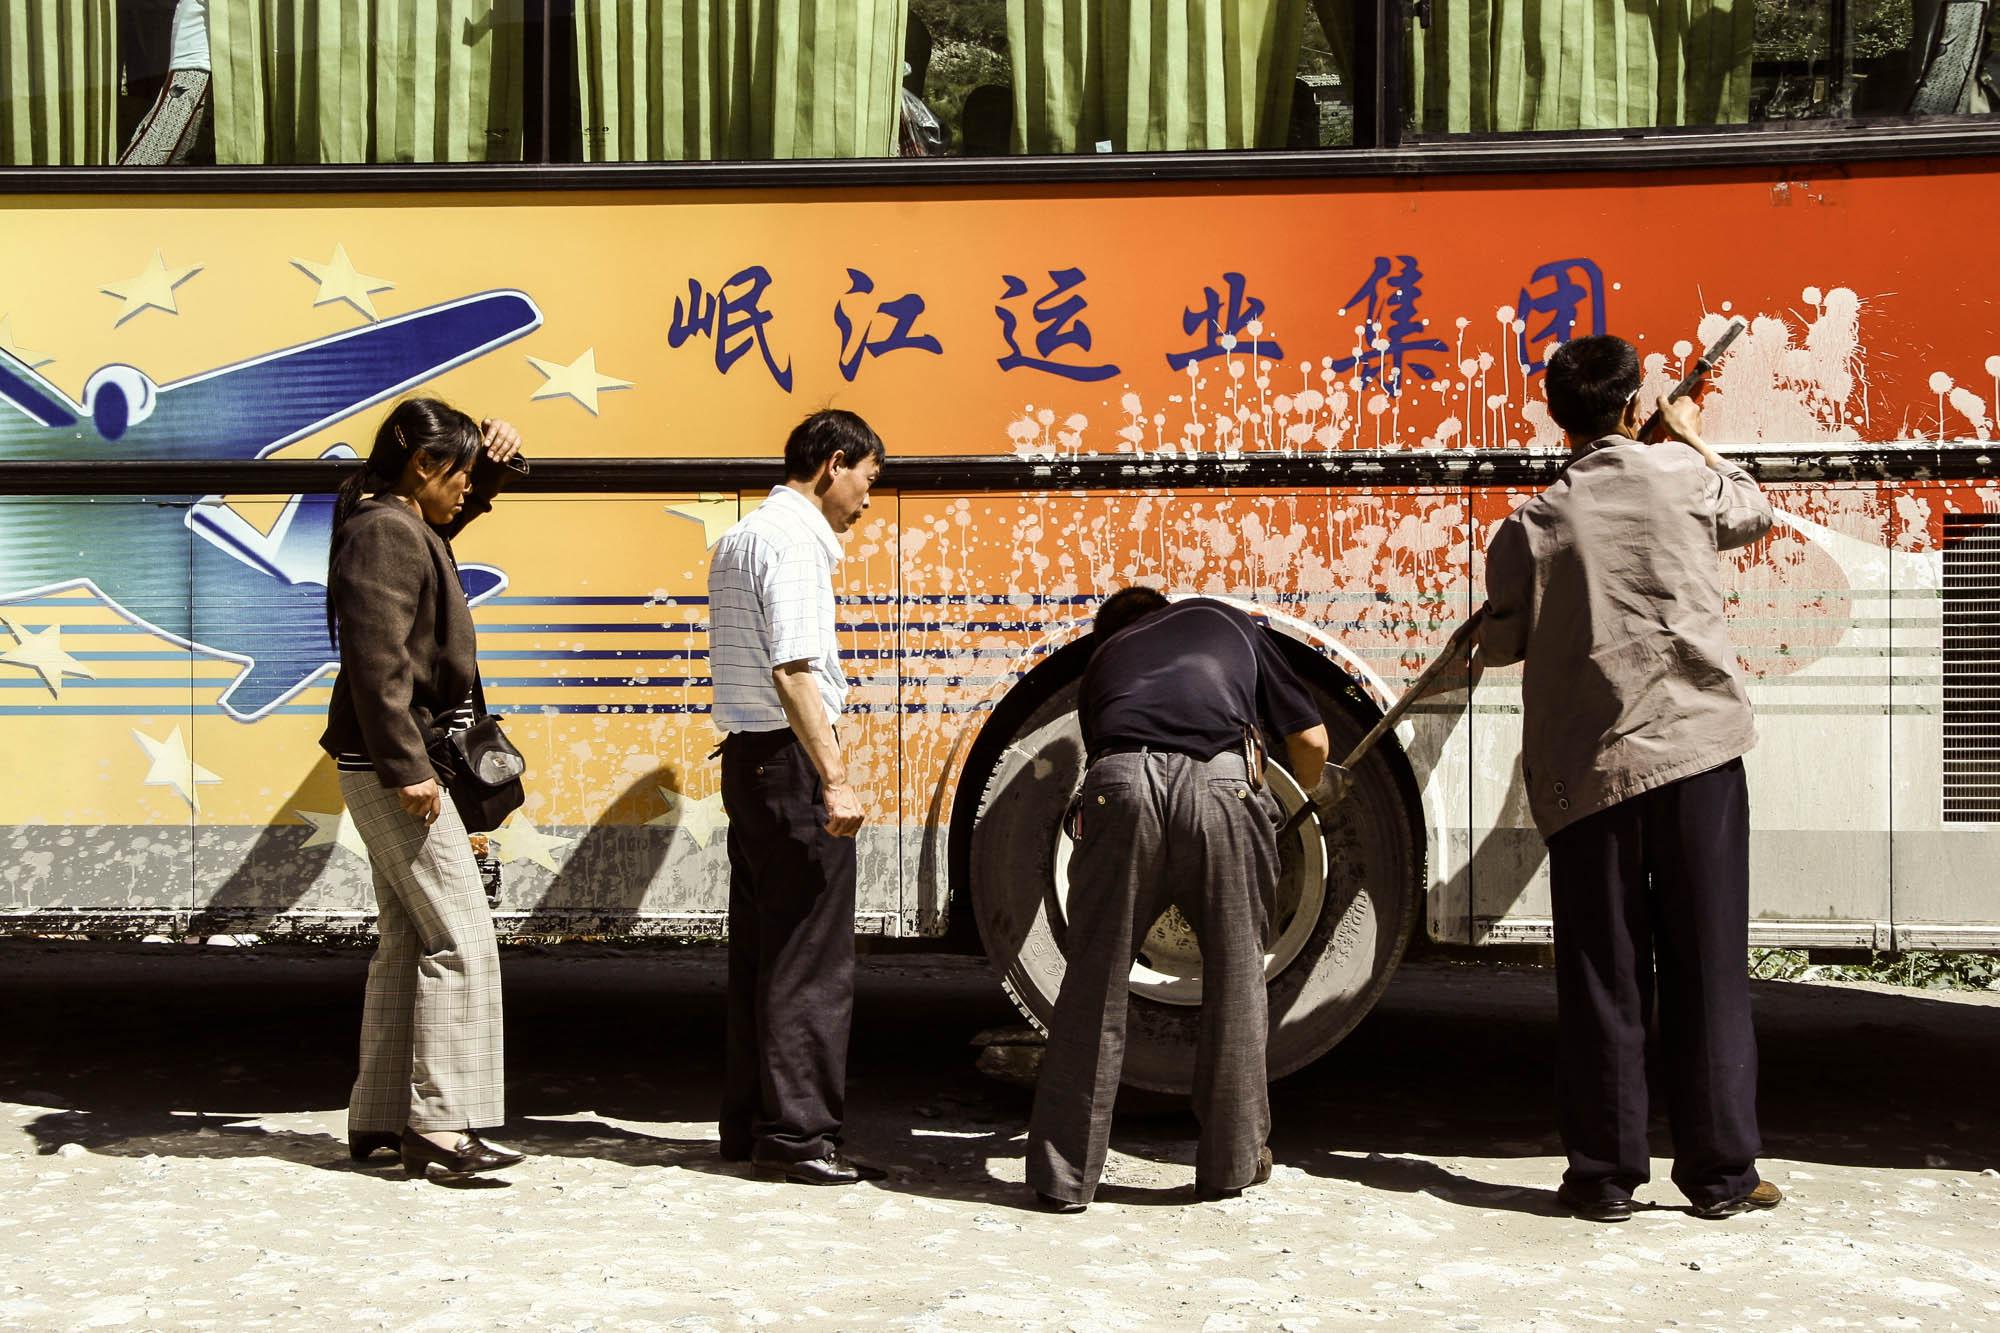 CHINA_2006_people_jusmedic - 17